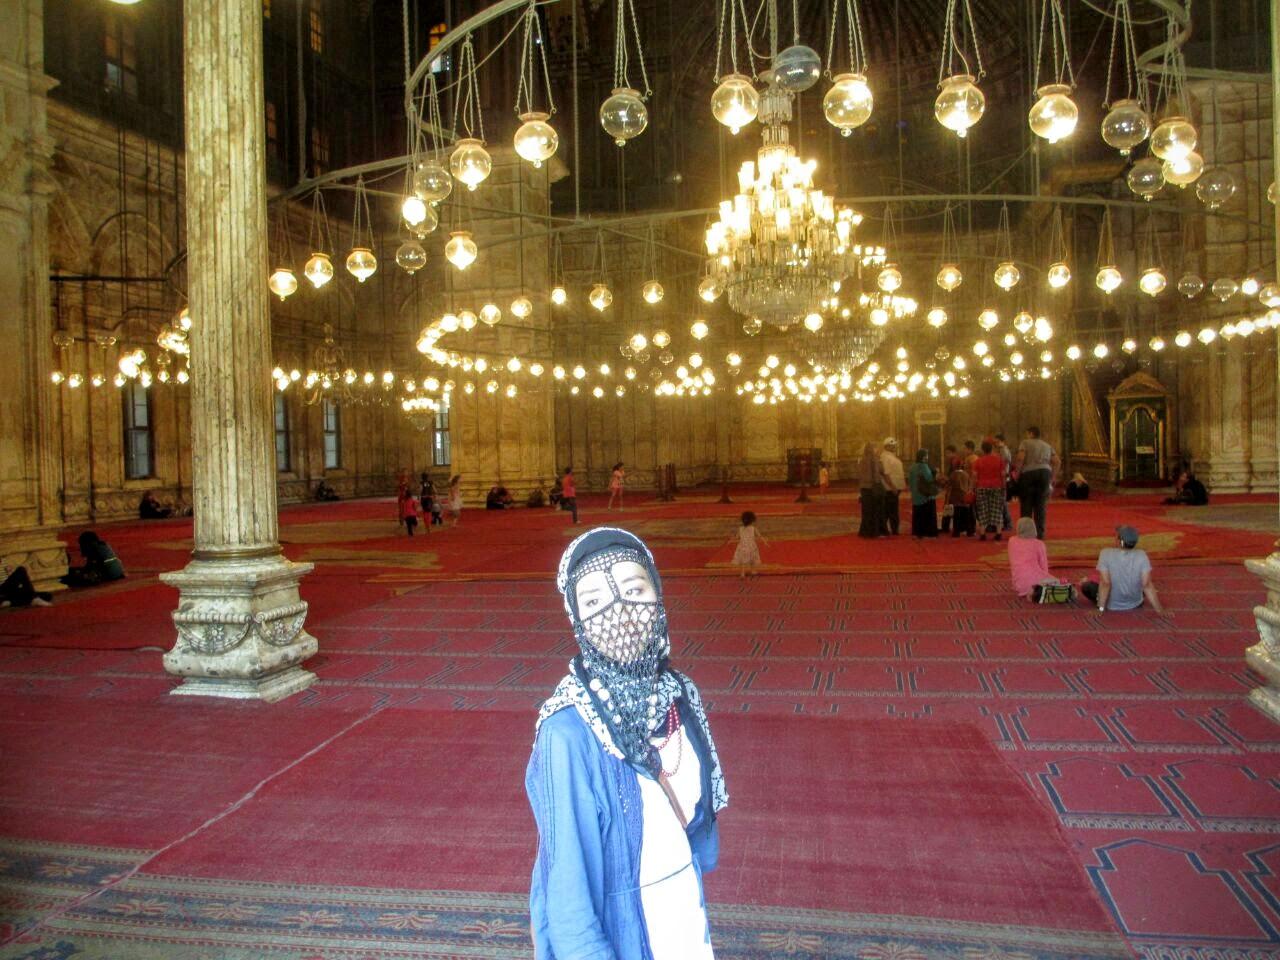 モスクにて、ニカブに近いヤシュマクを着て撮影